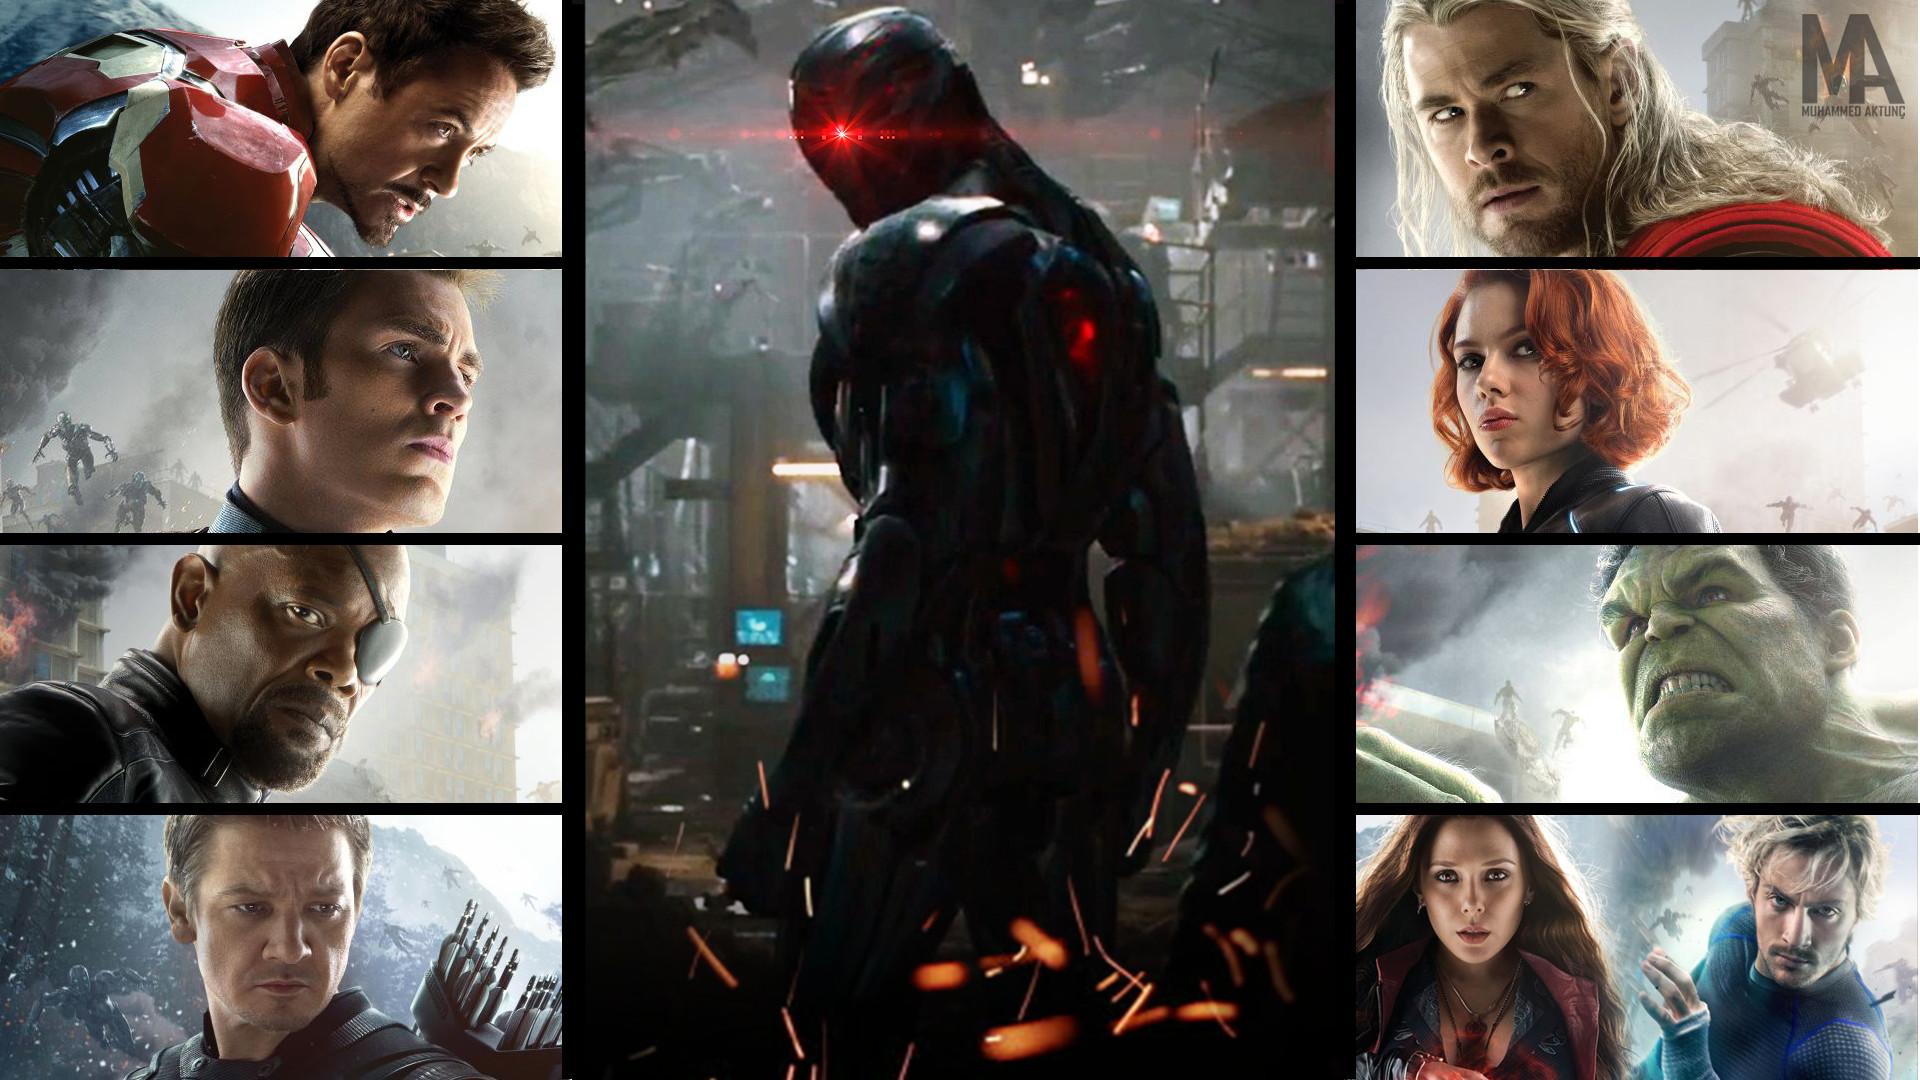 … MARVEL's Avengers: Age of Ultron HD Wallpaper by muhammedaktunc